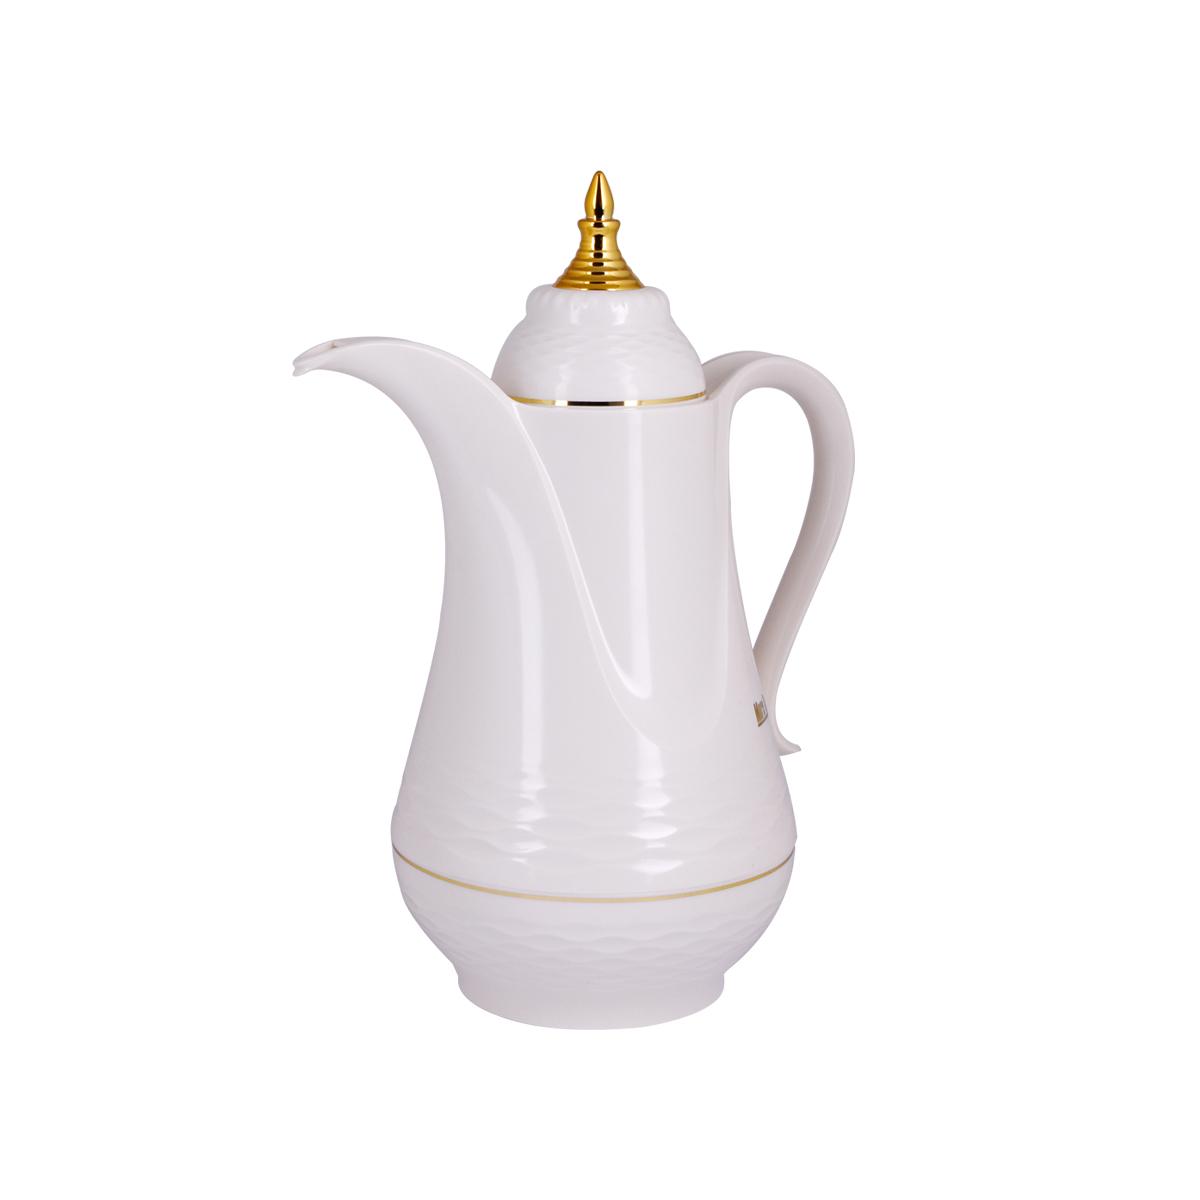 ترمس شاي وقهوة مور تايم - بلاستيك - 0.5 لتر رقم MY-30030